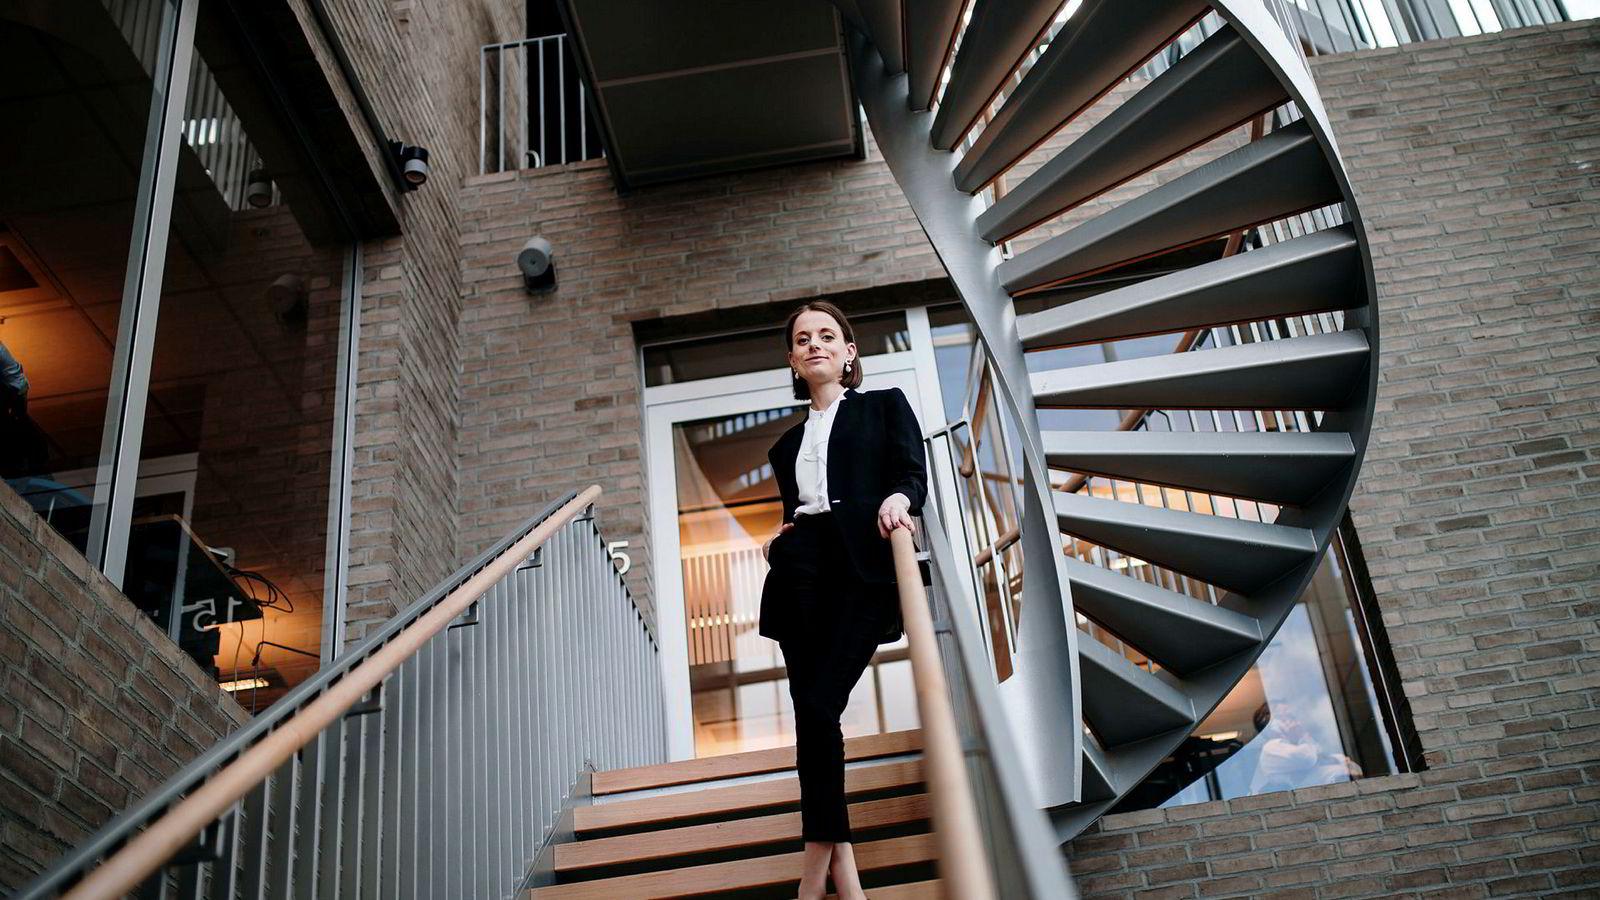 Ine Oftedahl (28) er Communications Director i New Business Data i DNB og leder Ung i Finans. Hun har inntrykk av at lønn er tabubelagt å snakke om.